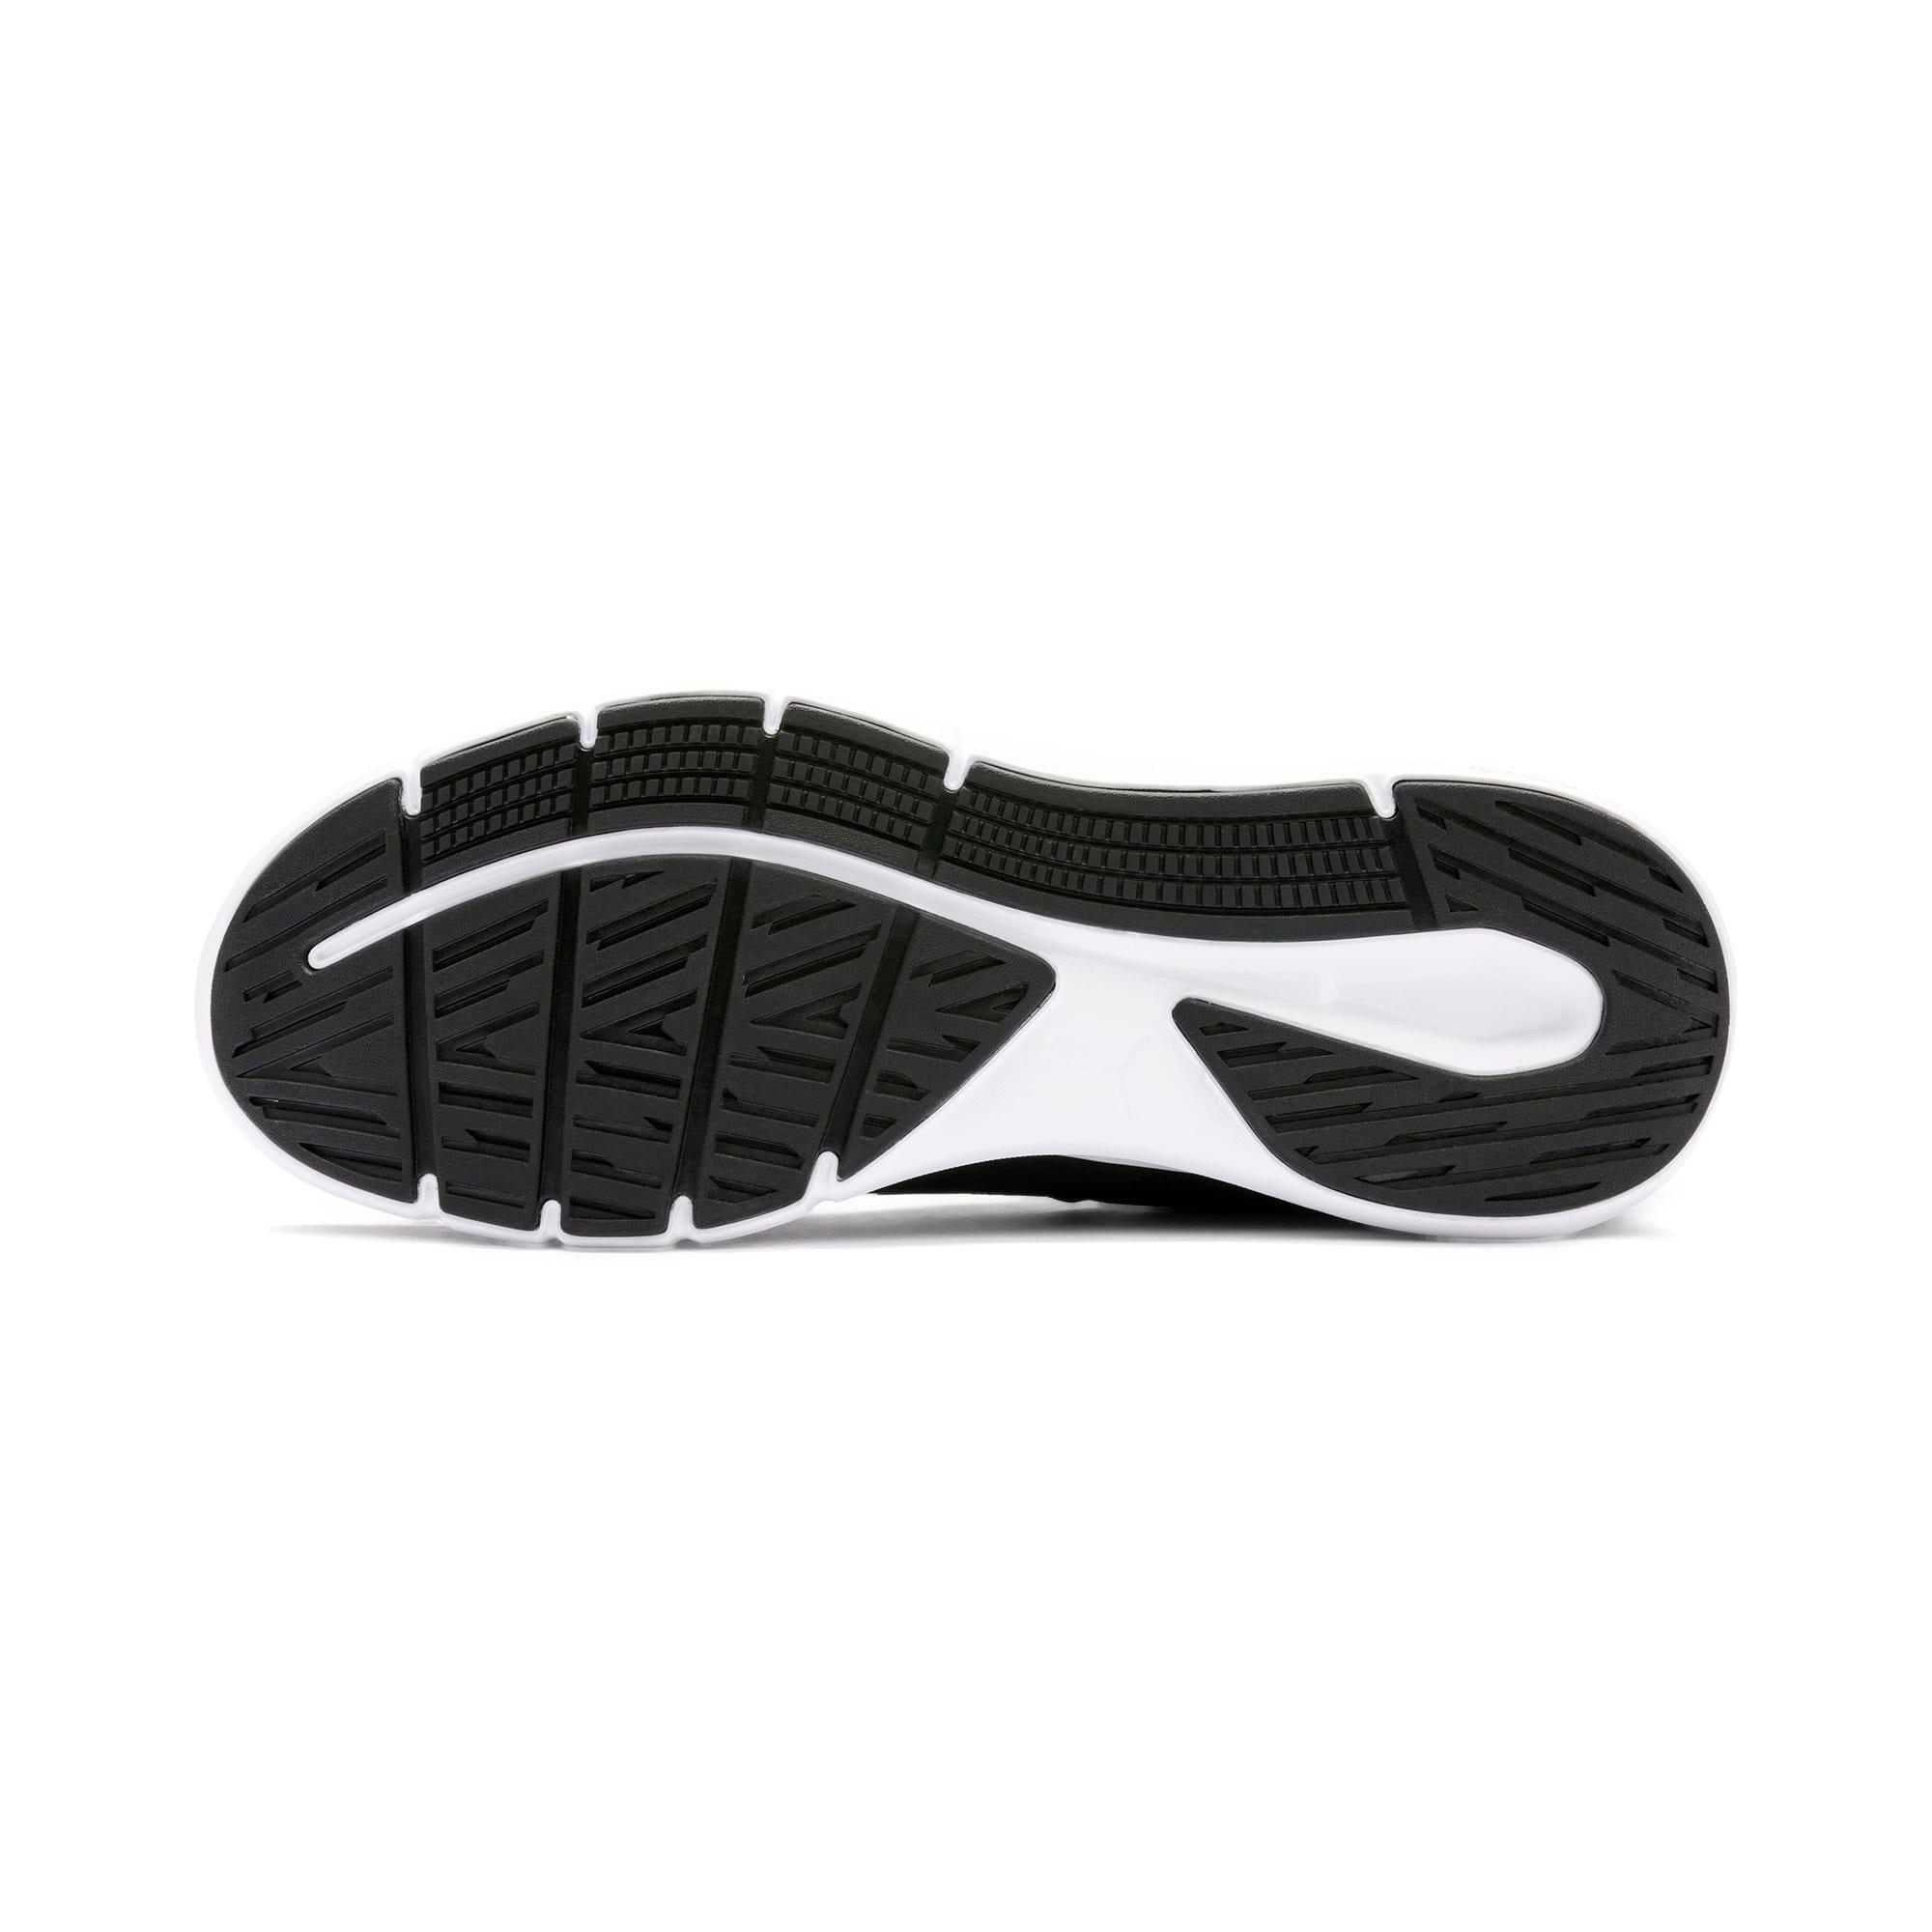 Miniatura 4 de Zapatos para correr NRGY Dynamo Futuro para hombre, Puma Black-Nrgy Red, mediano